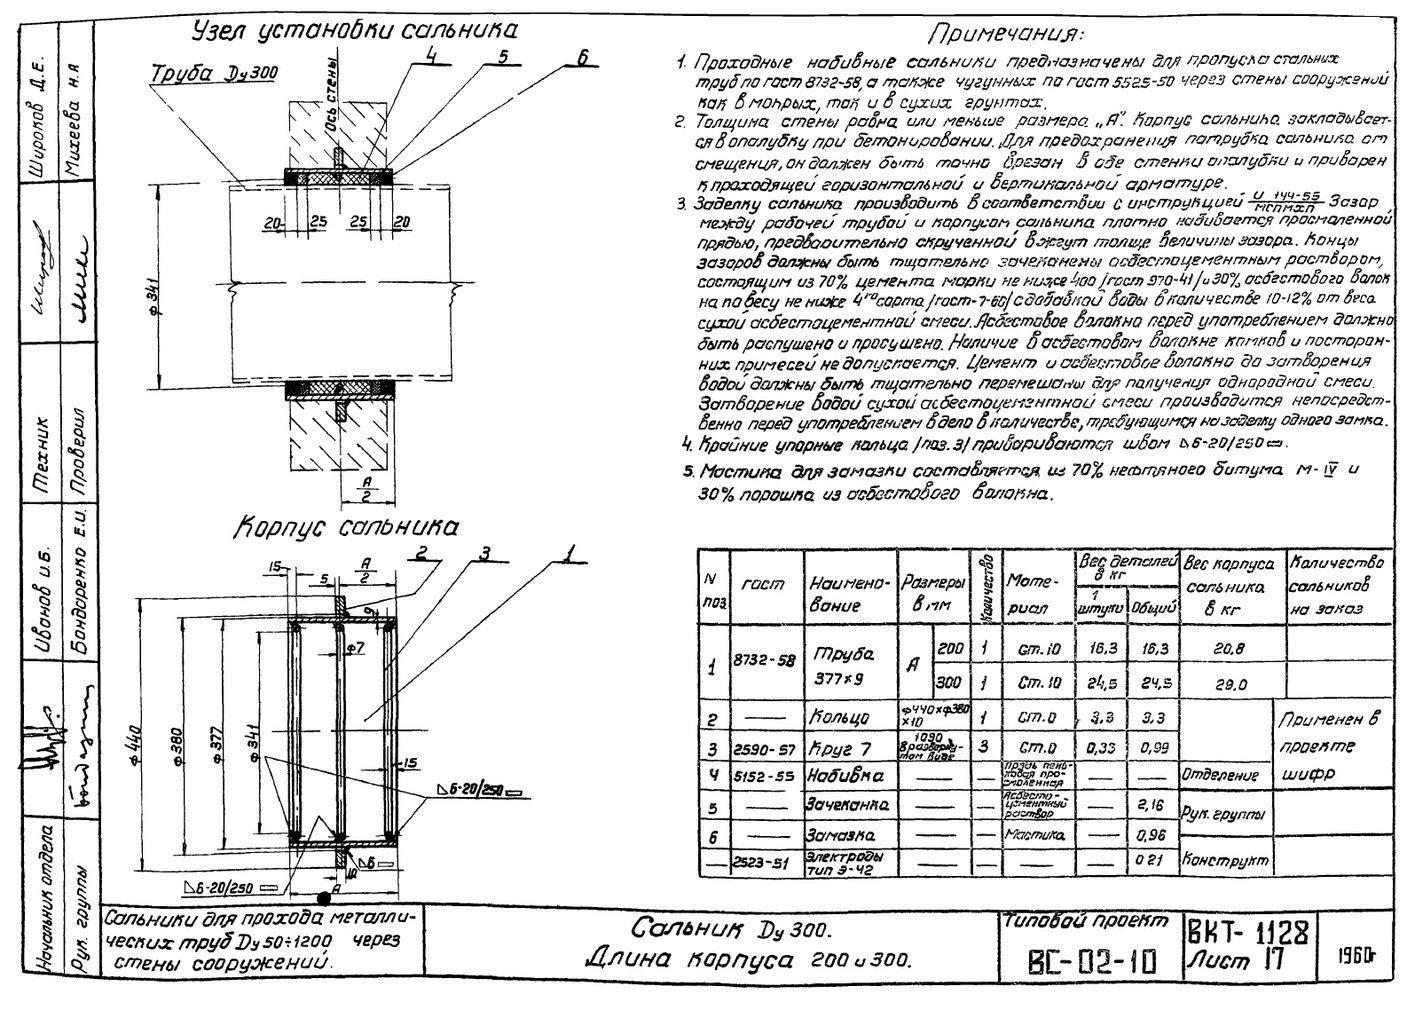 Сальники набивные L = 200 мм типовой проект ВС-02-10 стр.8